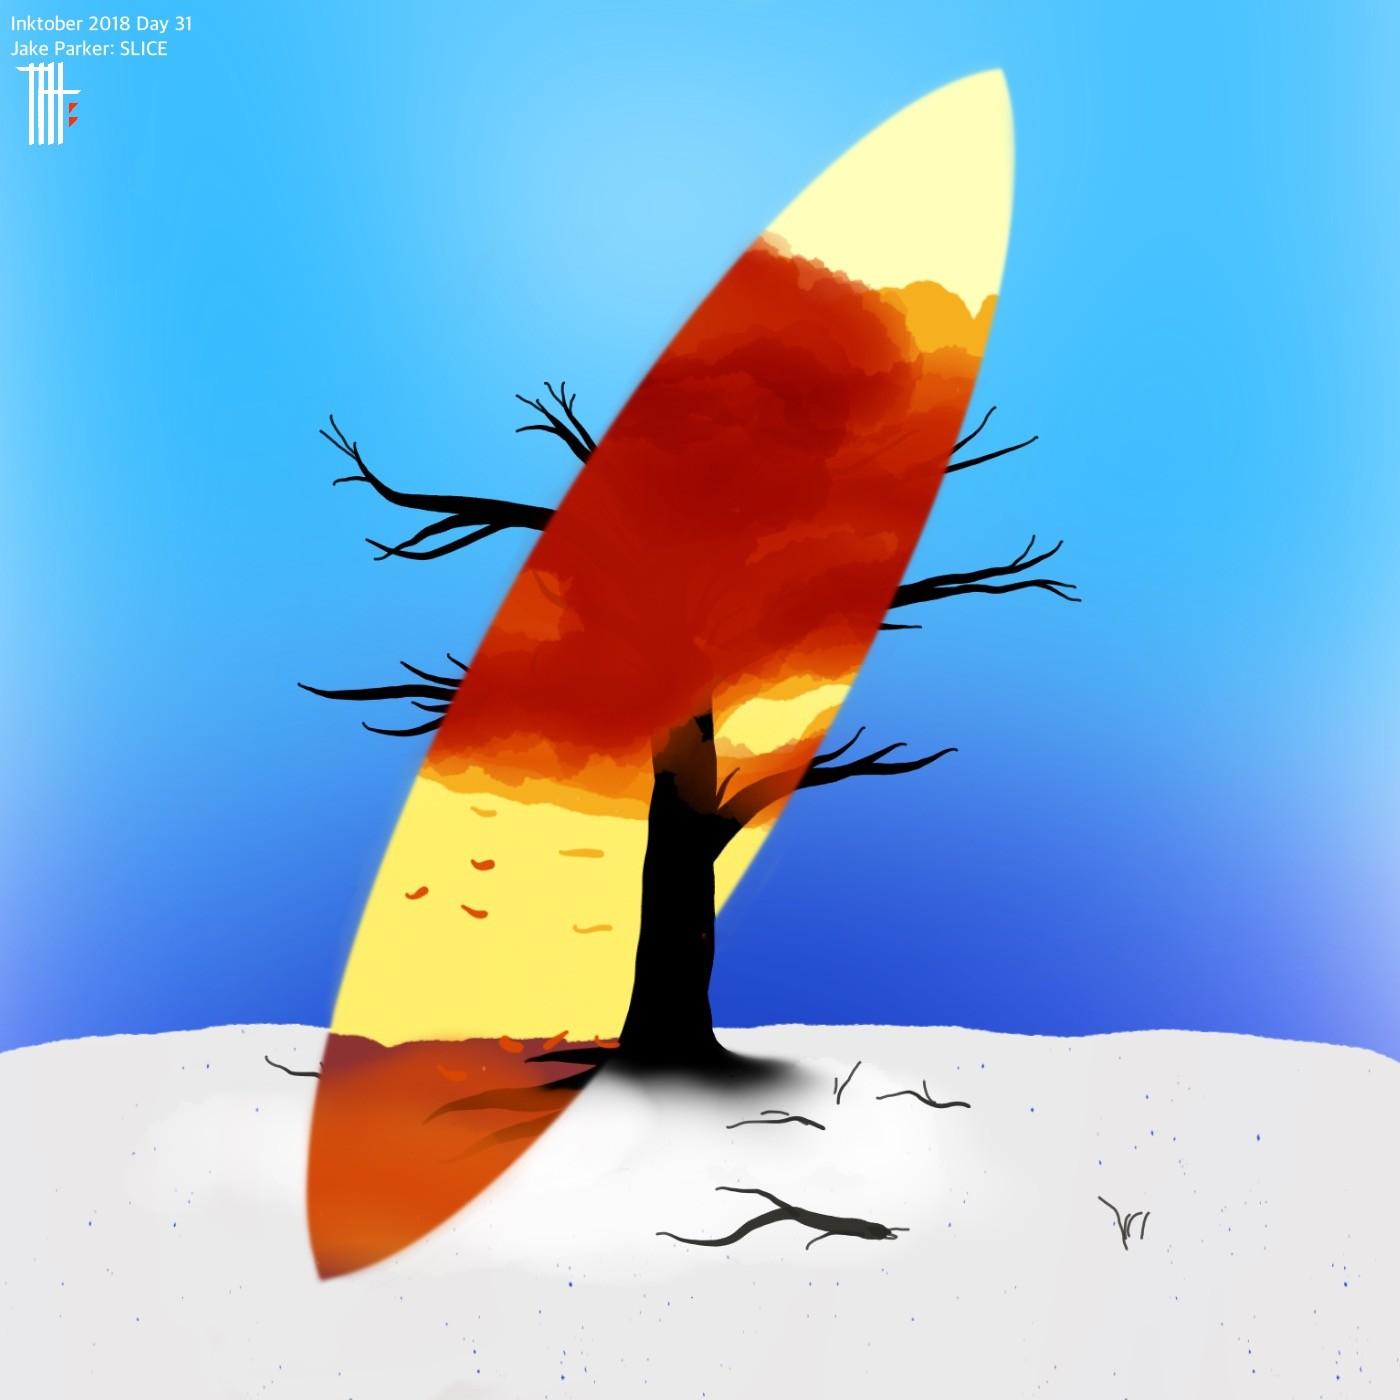 31: Slice